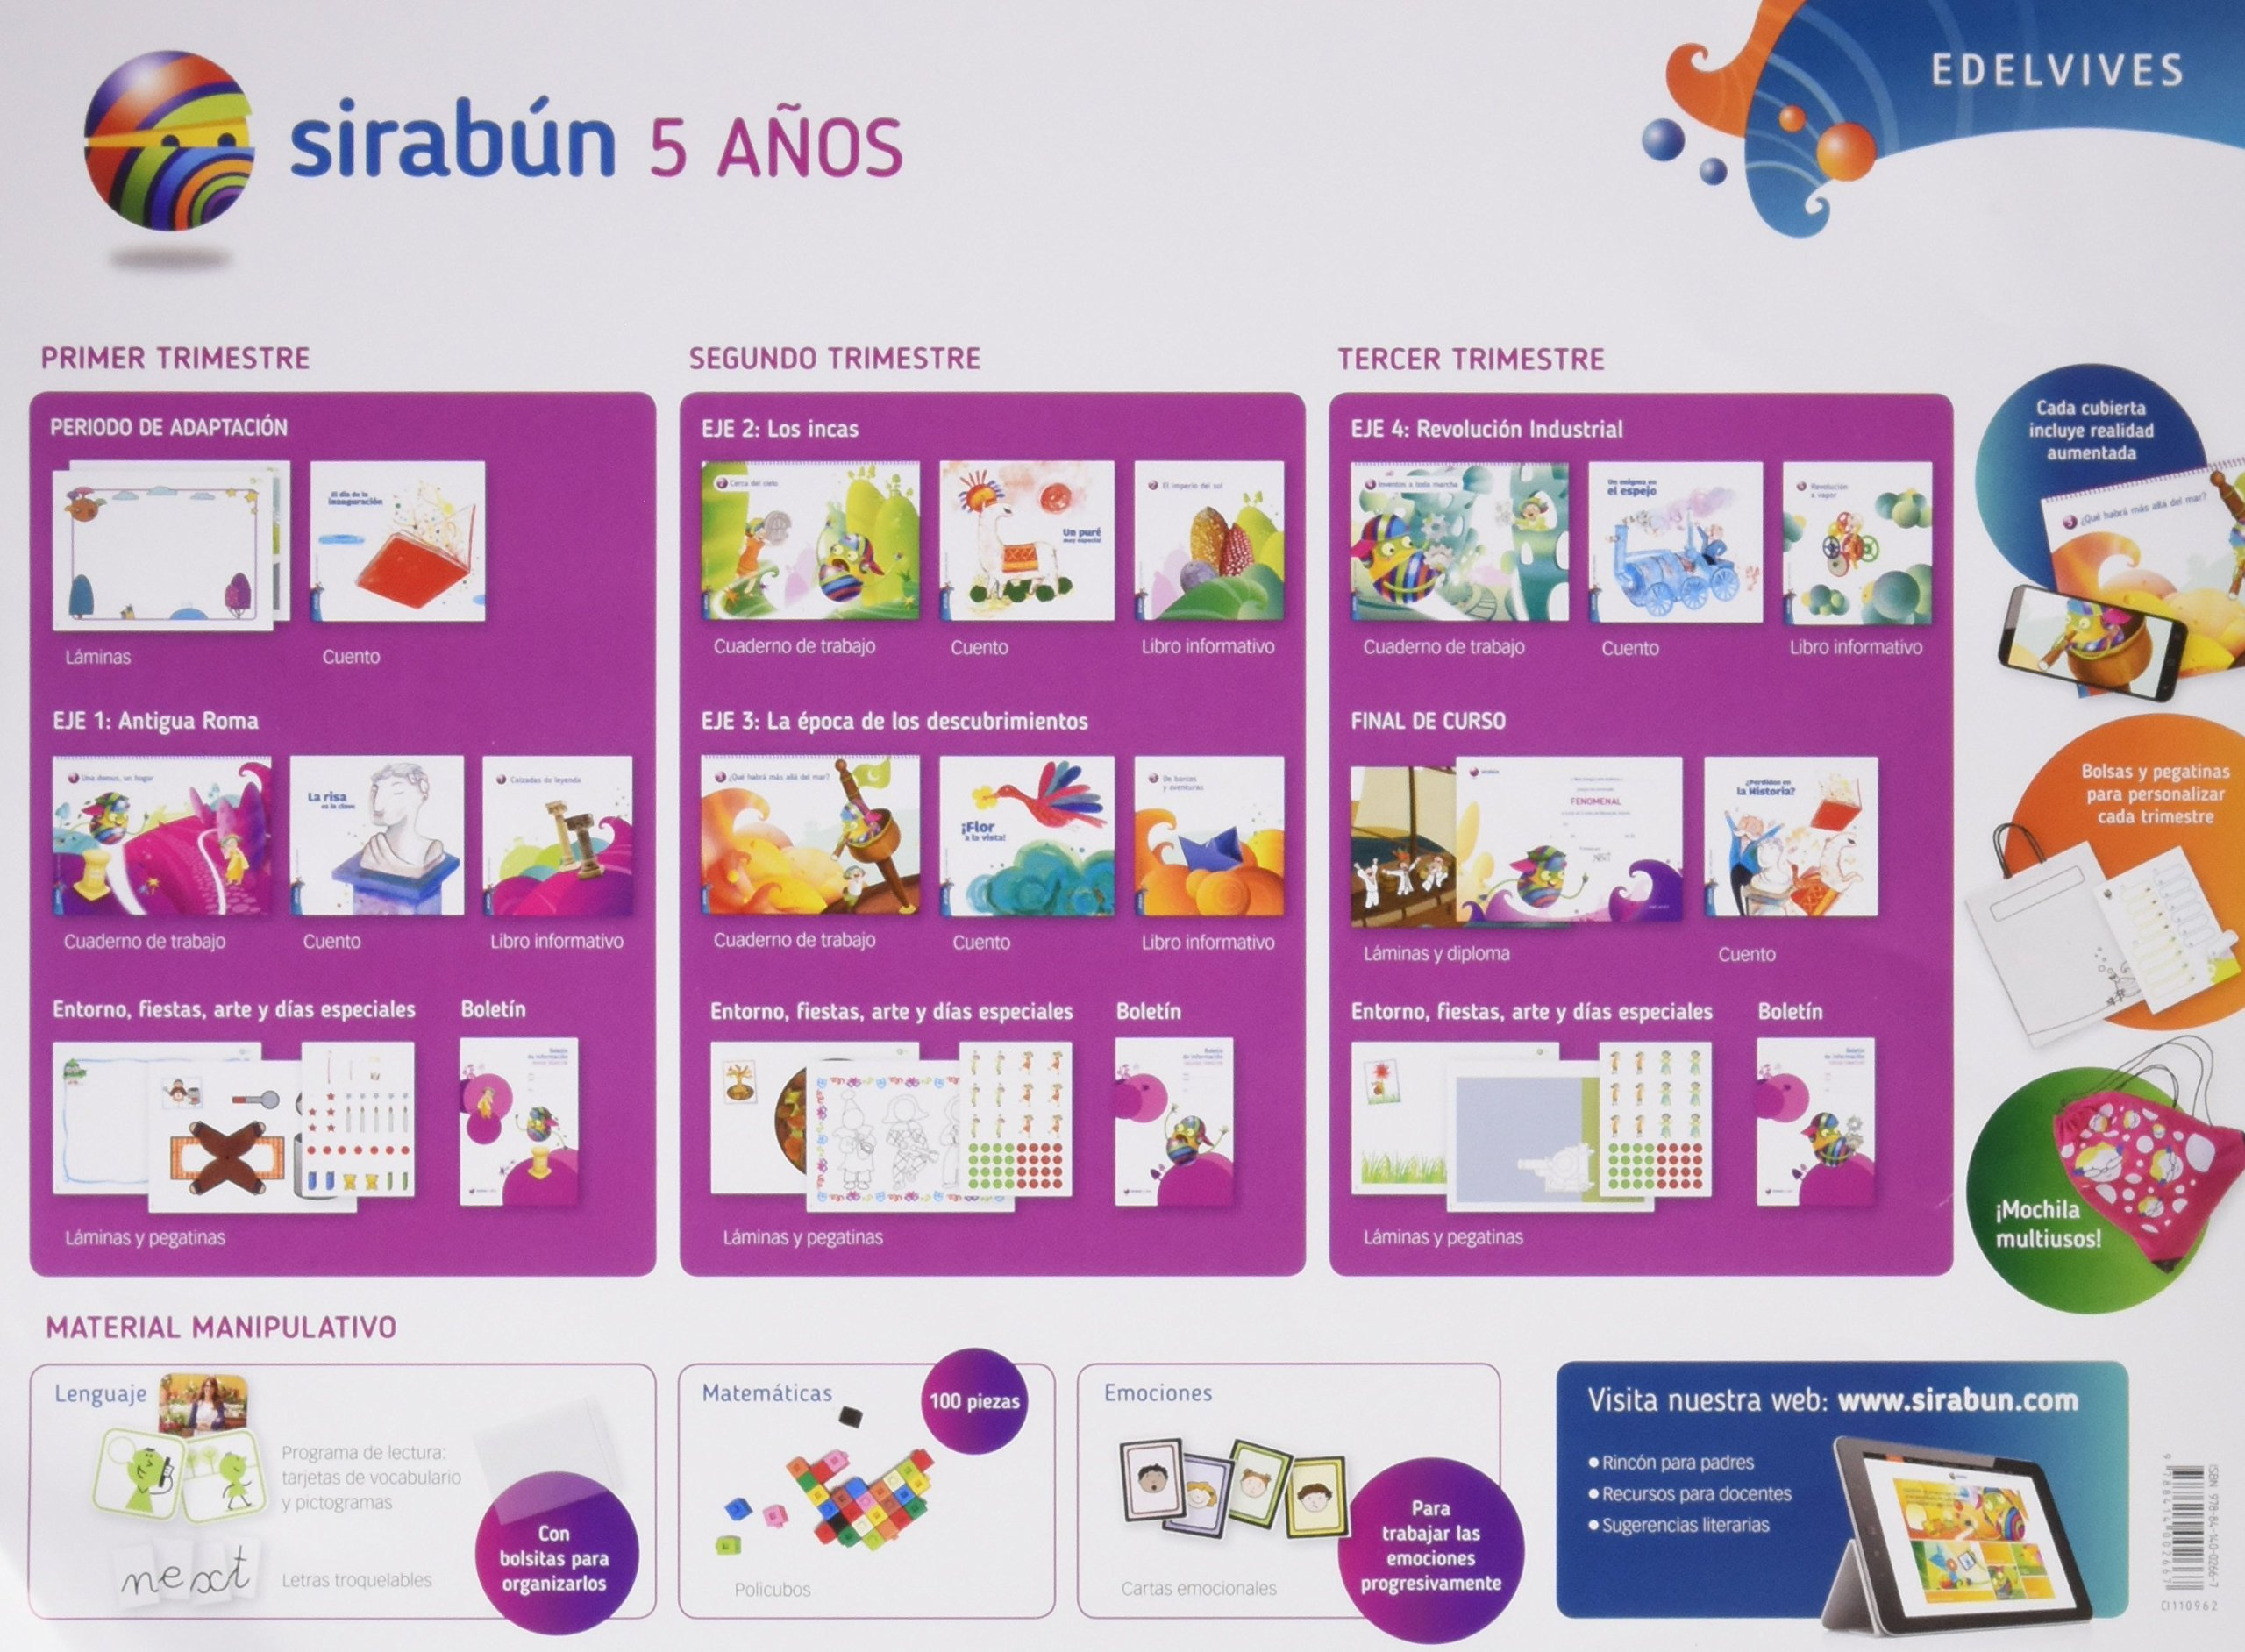 Sirabun- 5 años - 9788414002667: Amazon.es: Rosa María Iglesias Iglesias, Manuela Corrales Peral, Rosa María Corrales Peral, Marisol Justo de la Rosa, ...